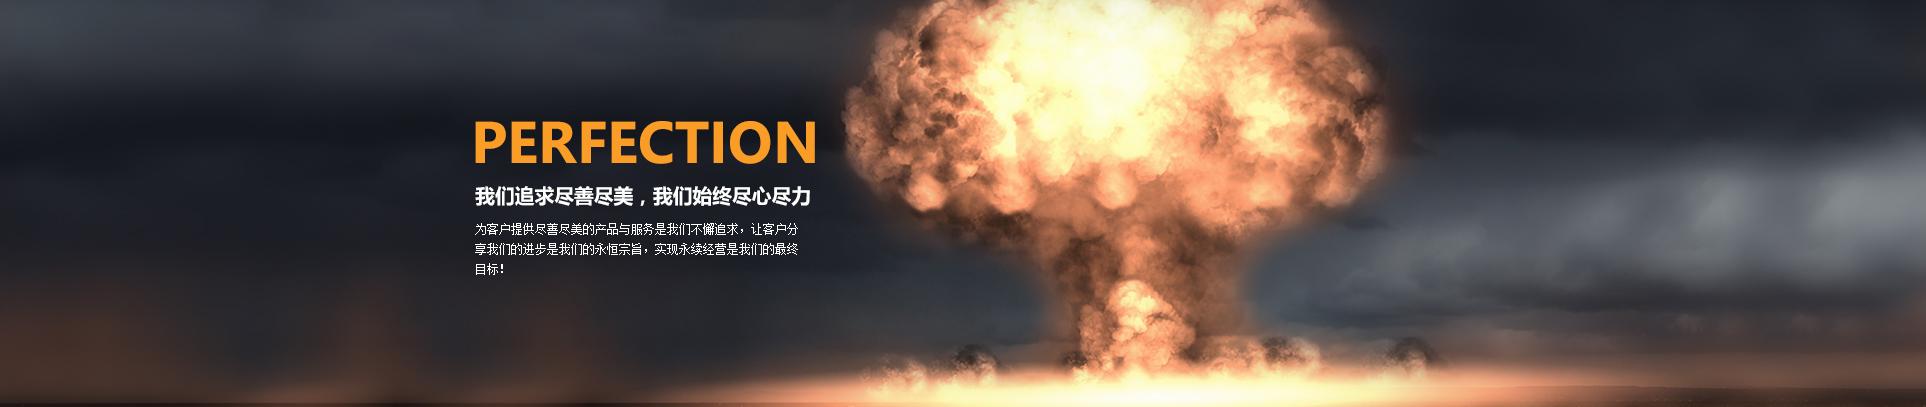 上海核工碟形弹簧制造有限公司